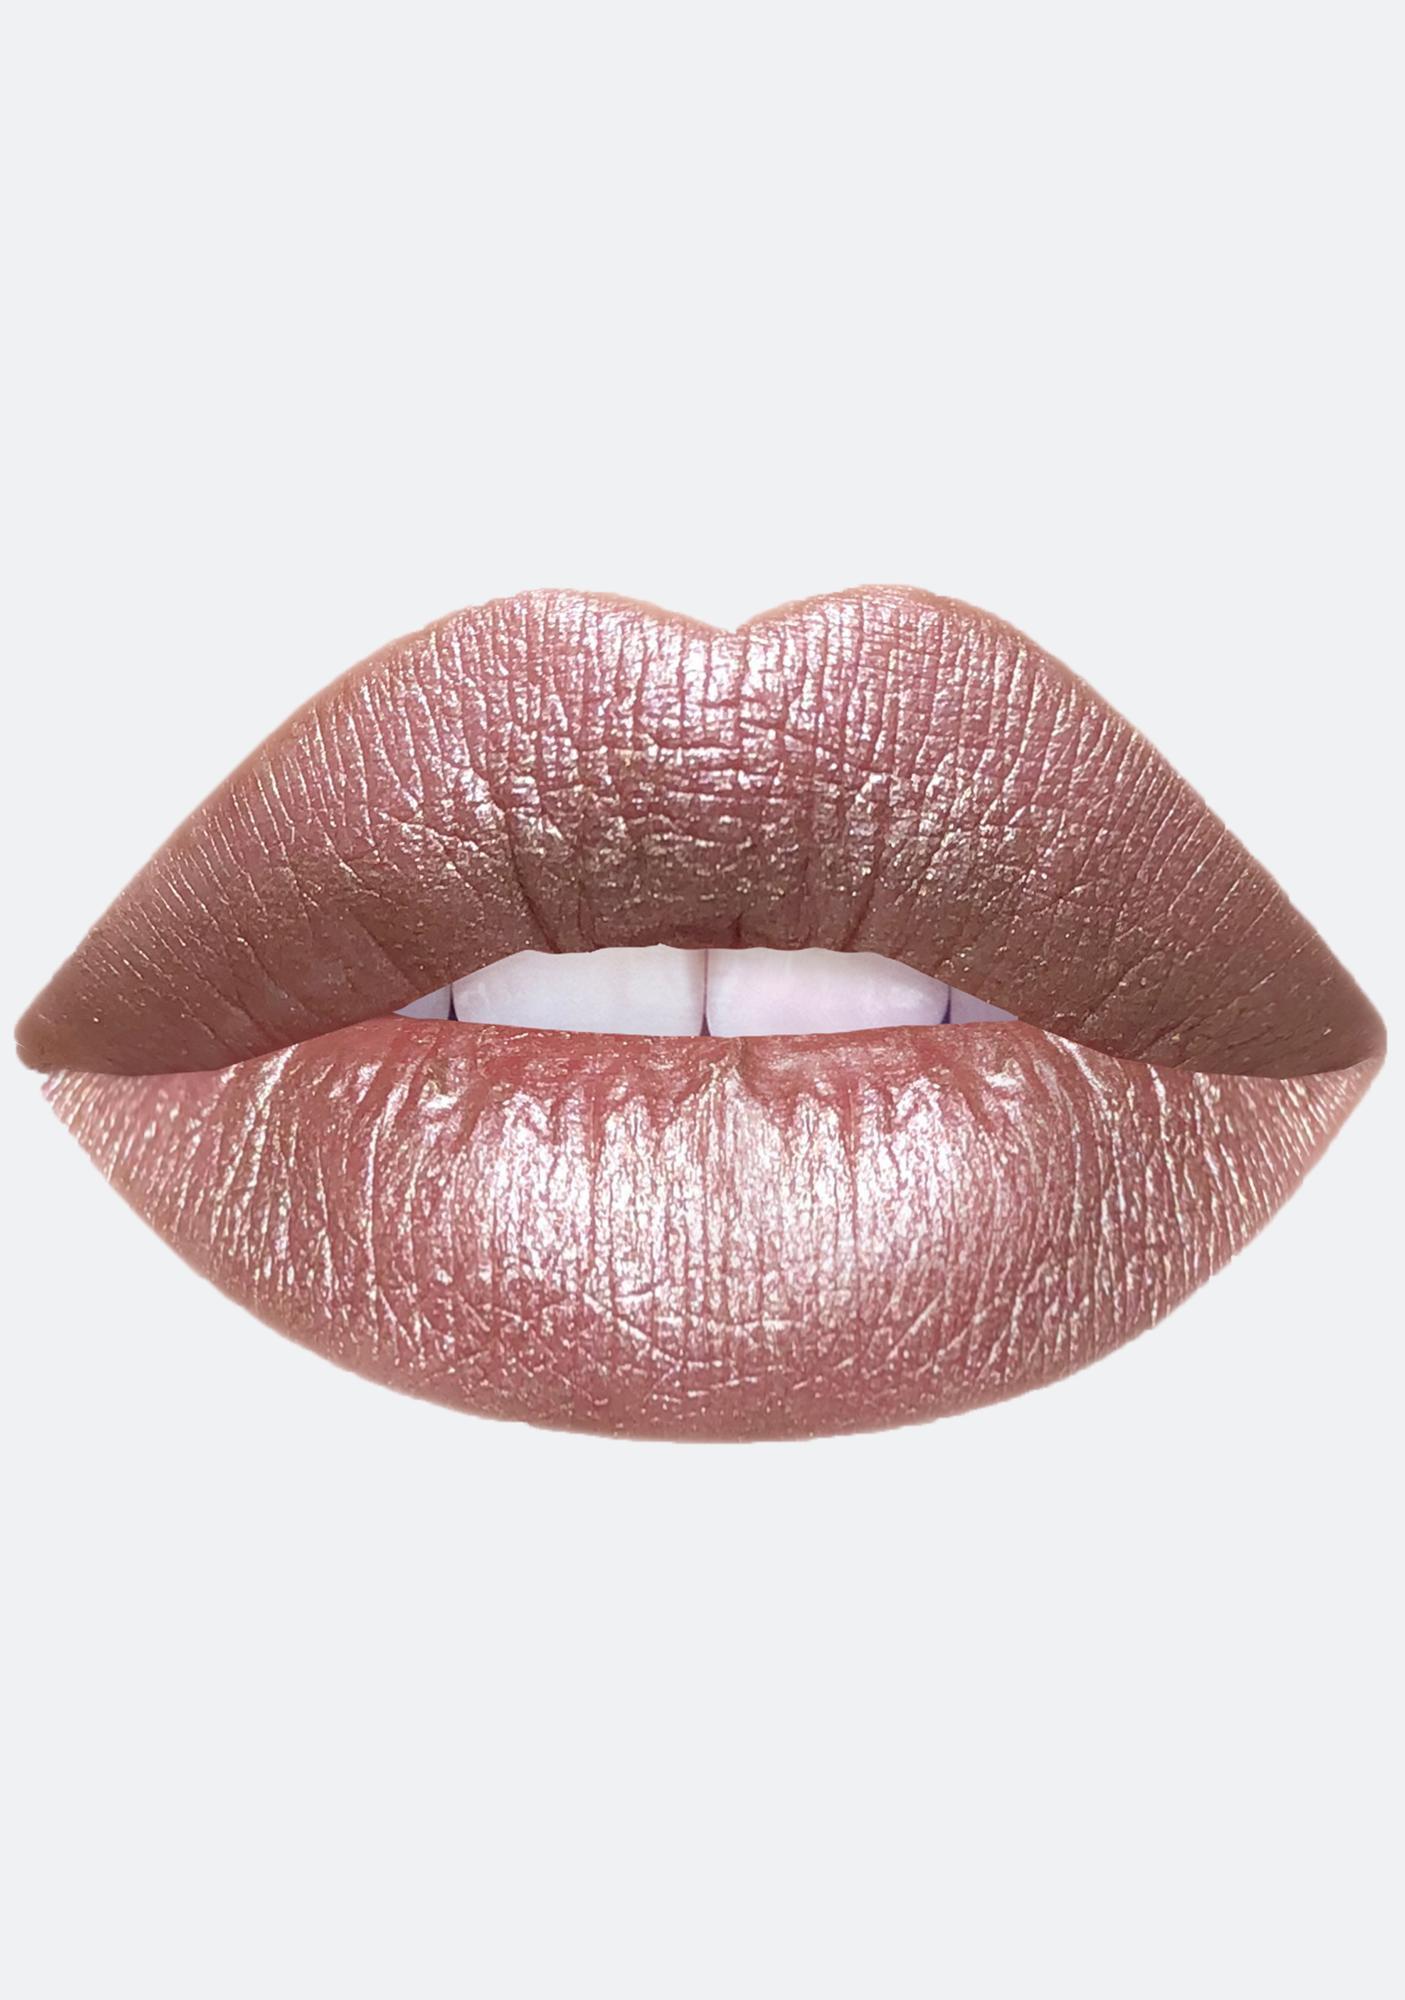 Lime Crime Ambrosia Plushies Glow Lipstick